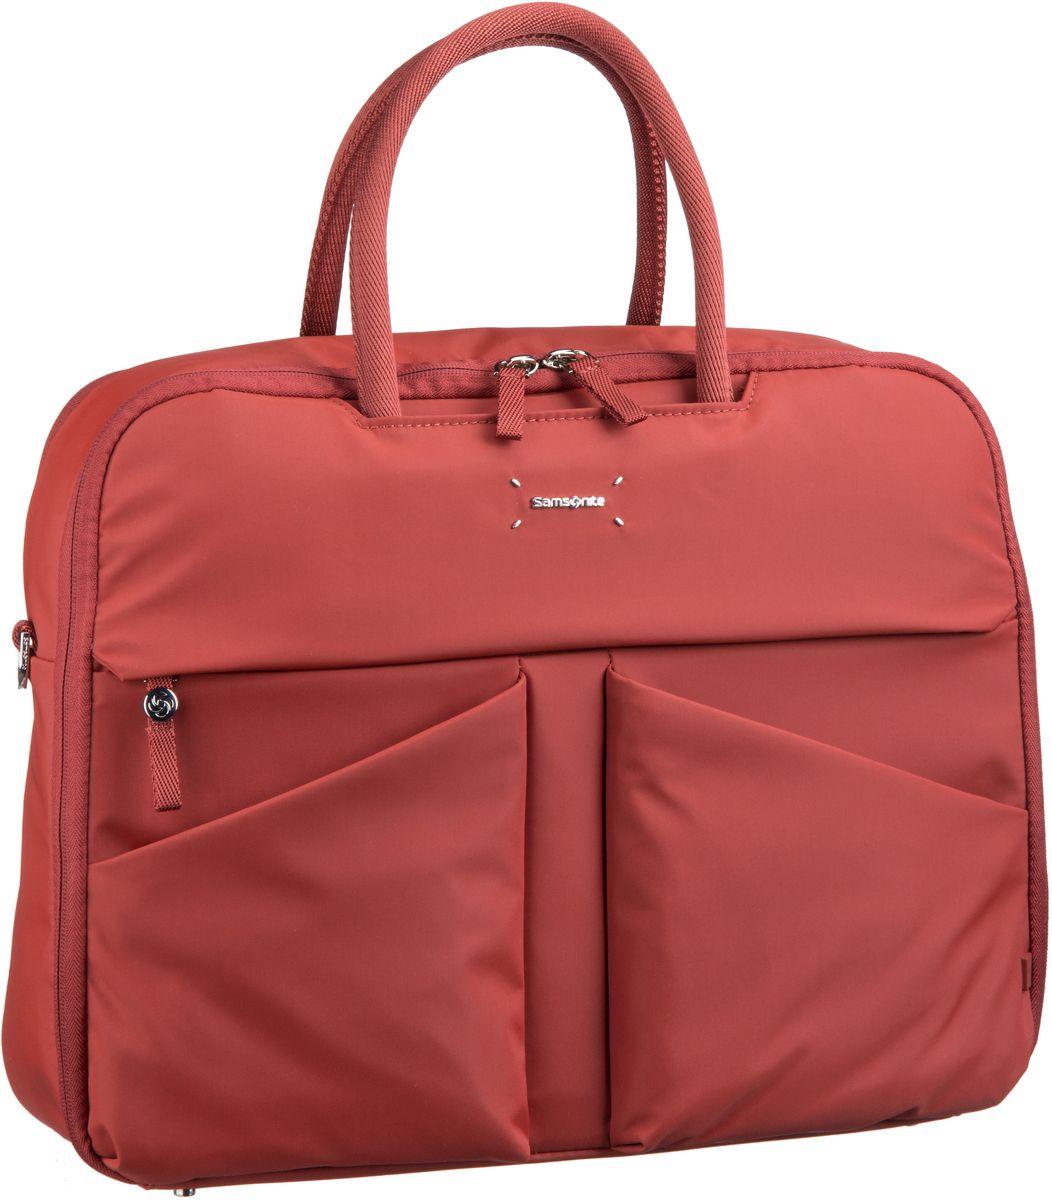 Businesstaschen für Frauen - Samsonite Lady Tech Bailhandle 15.6'' Rust Aktentasche  - Onlineshop Taschenkaufhaus